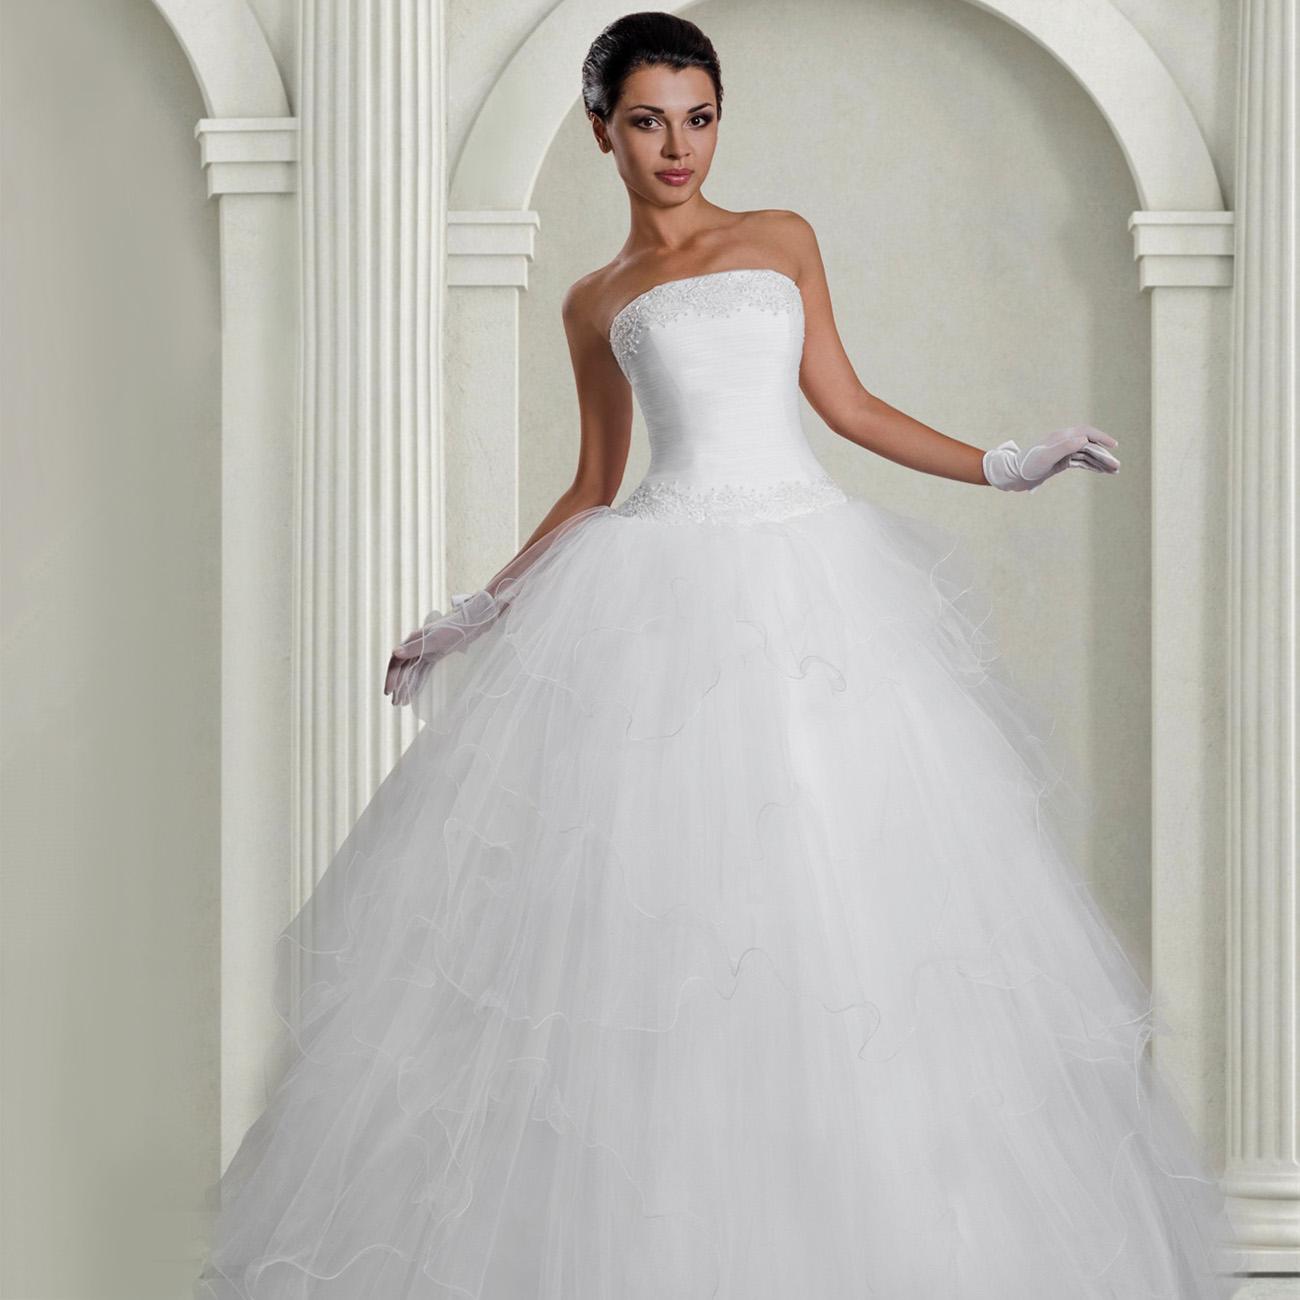 4a7d994b094331b Свадебное платье с пышной юбкой из фатина. Фото: olga-welling.ru